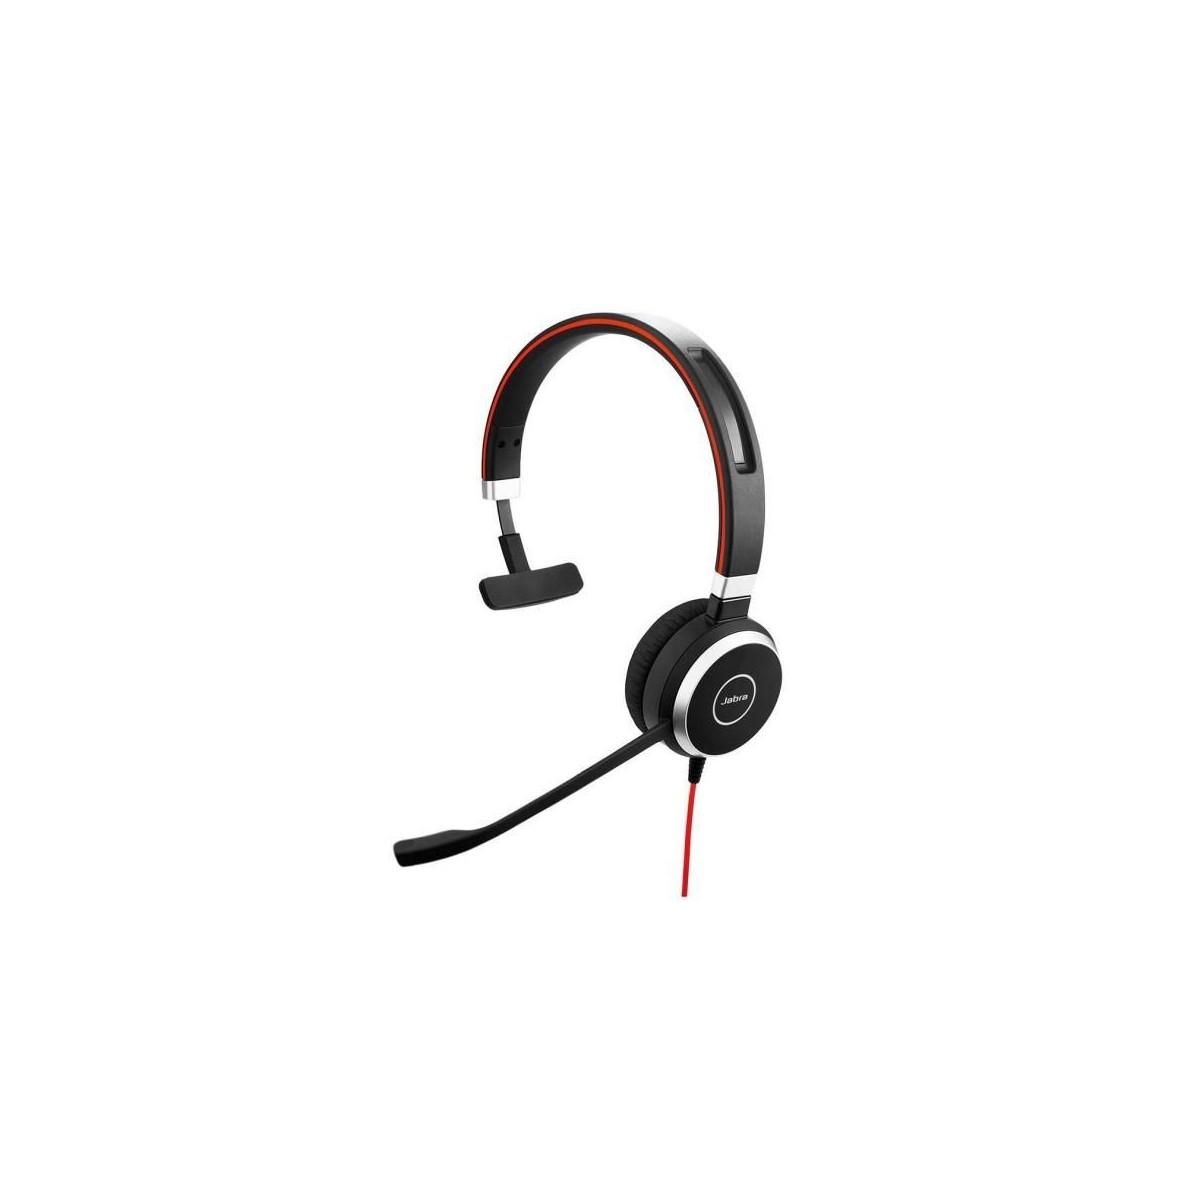 Jabra Evolve 40 UC Cuffie con cavo mono con jack USB e da 3,5